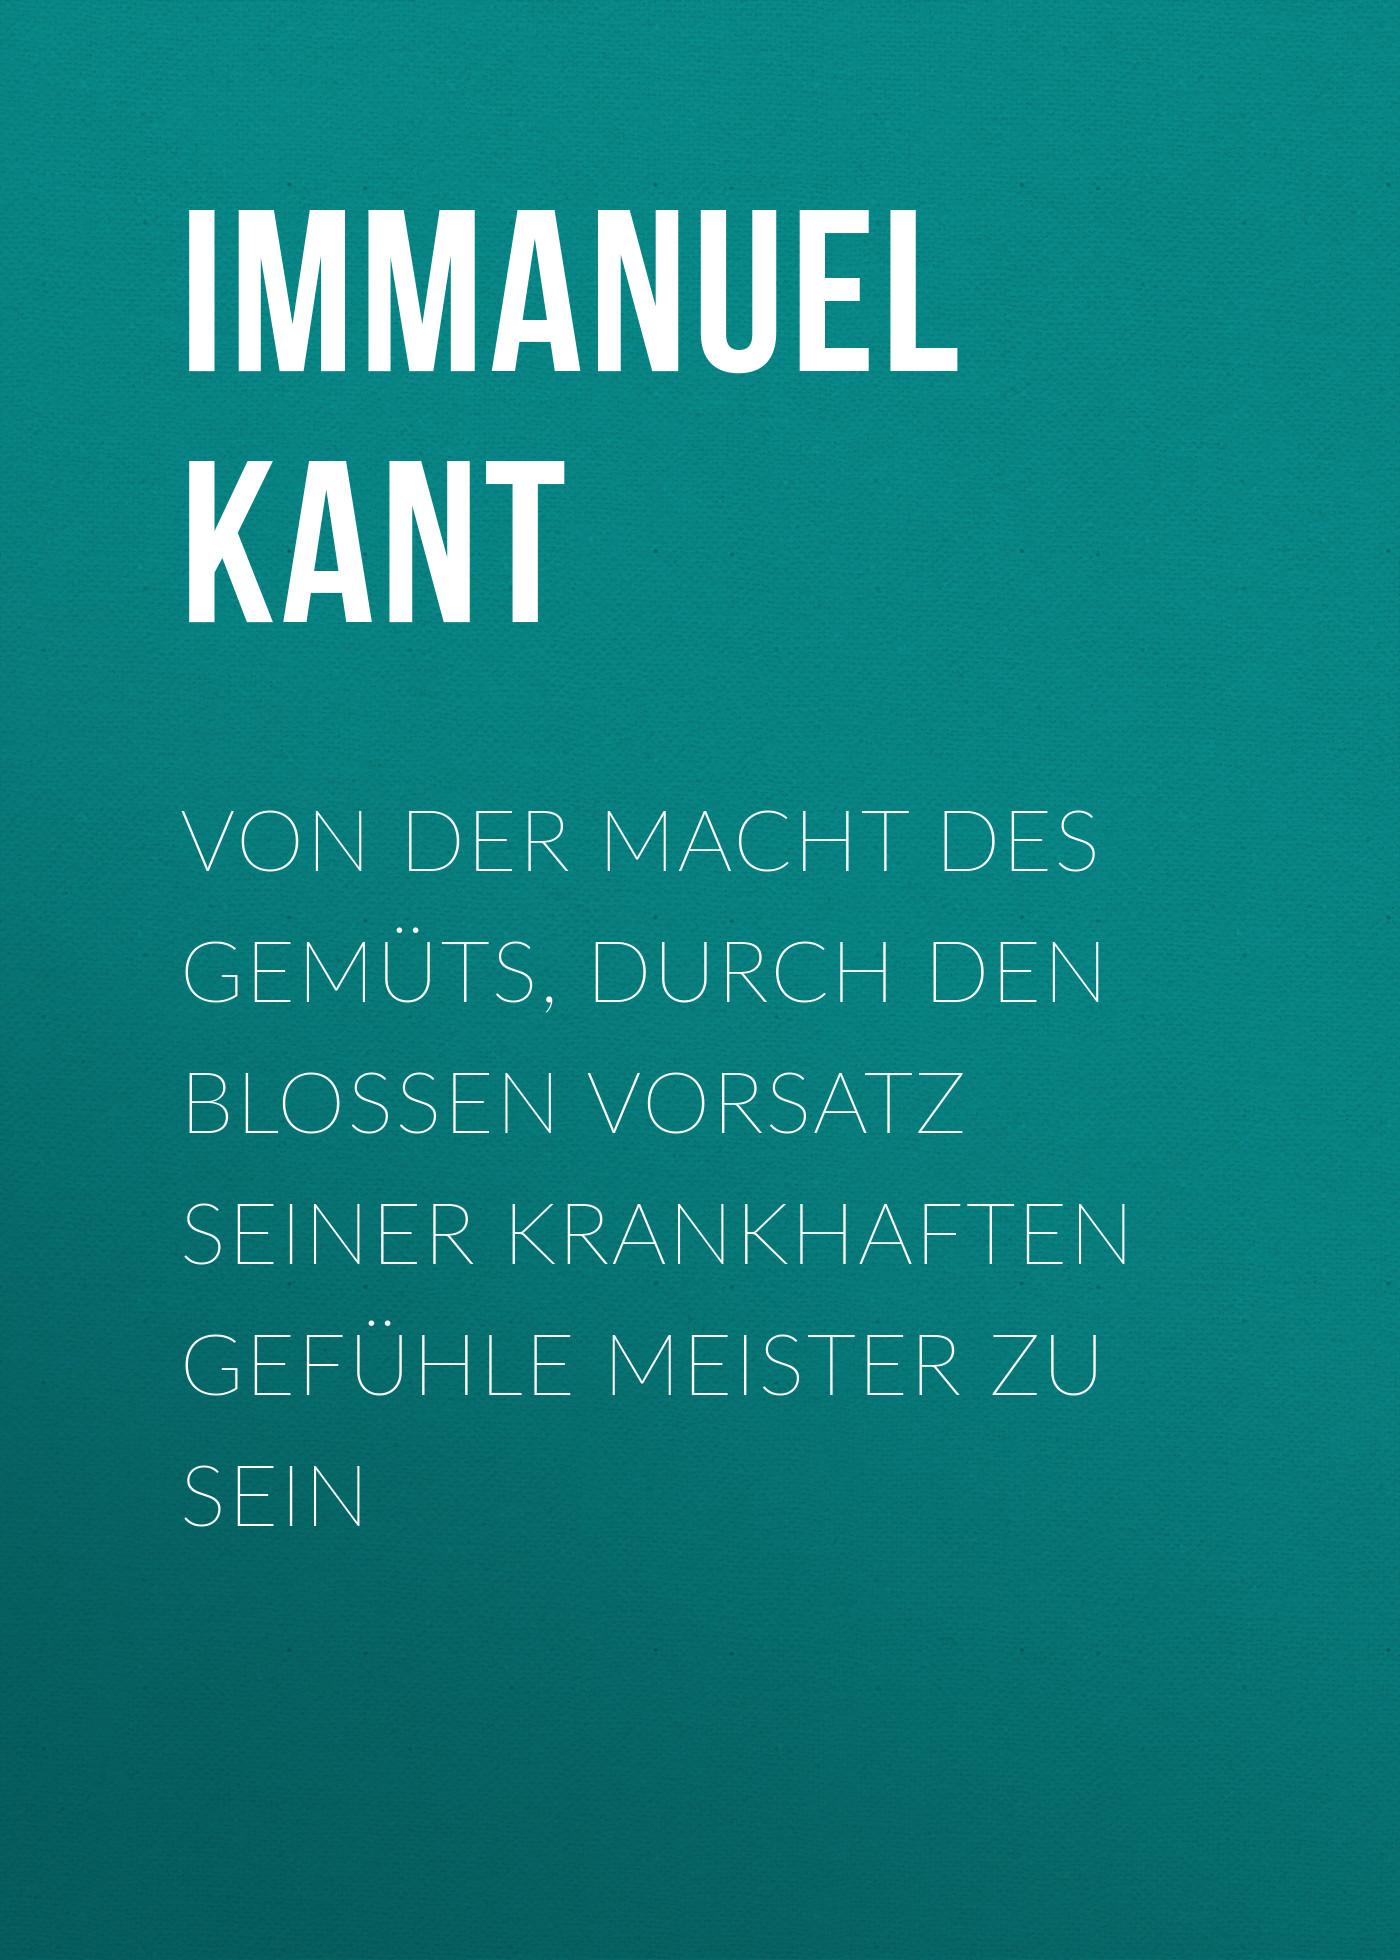 Immanuel Kant Von der Macht des Gemüts, durch den bloßen Vorsatz seiner krankhaften Gefühle Meister zu sein immanuel kant thomas kingsmill abbott critique of practical reason